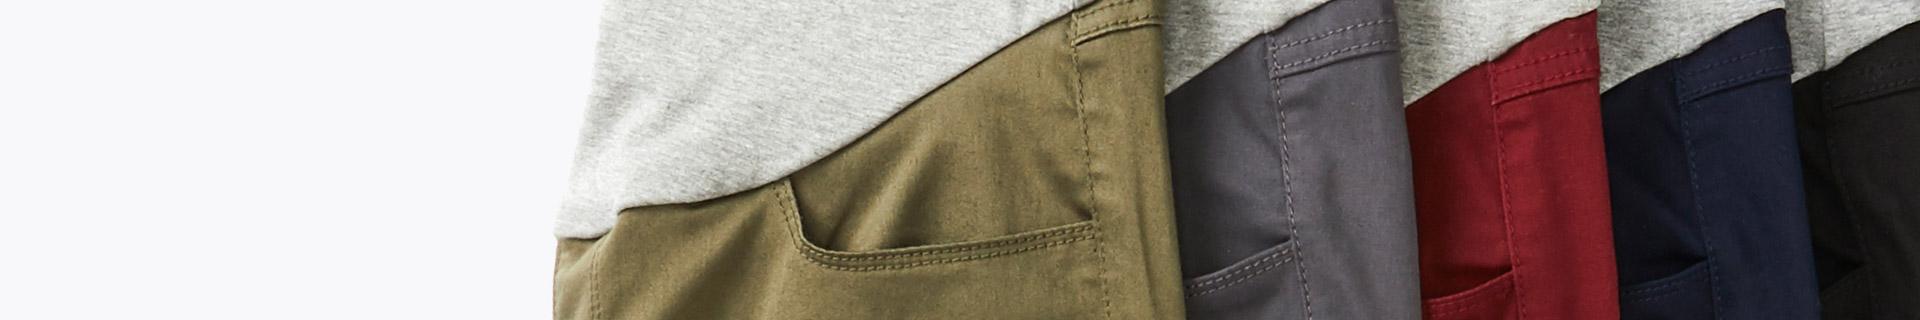 Nouveautés - pantalons